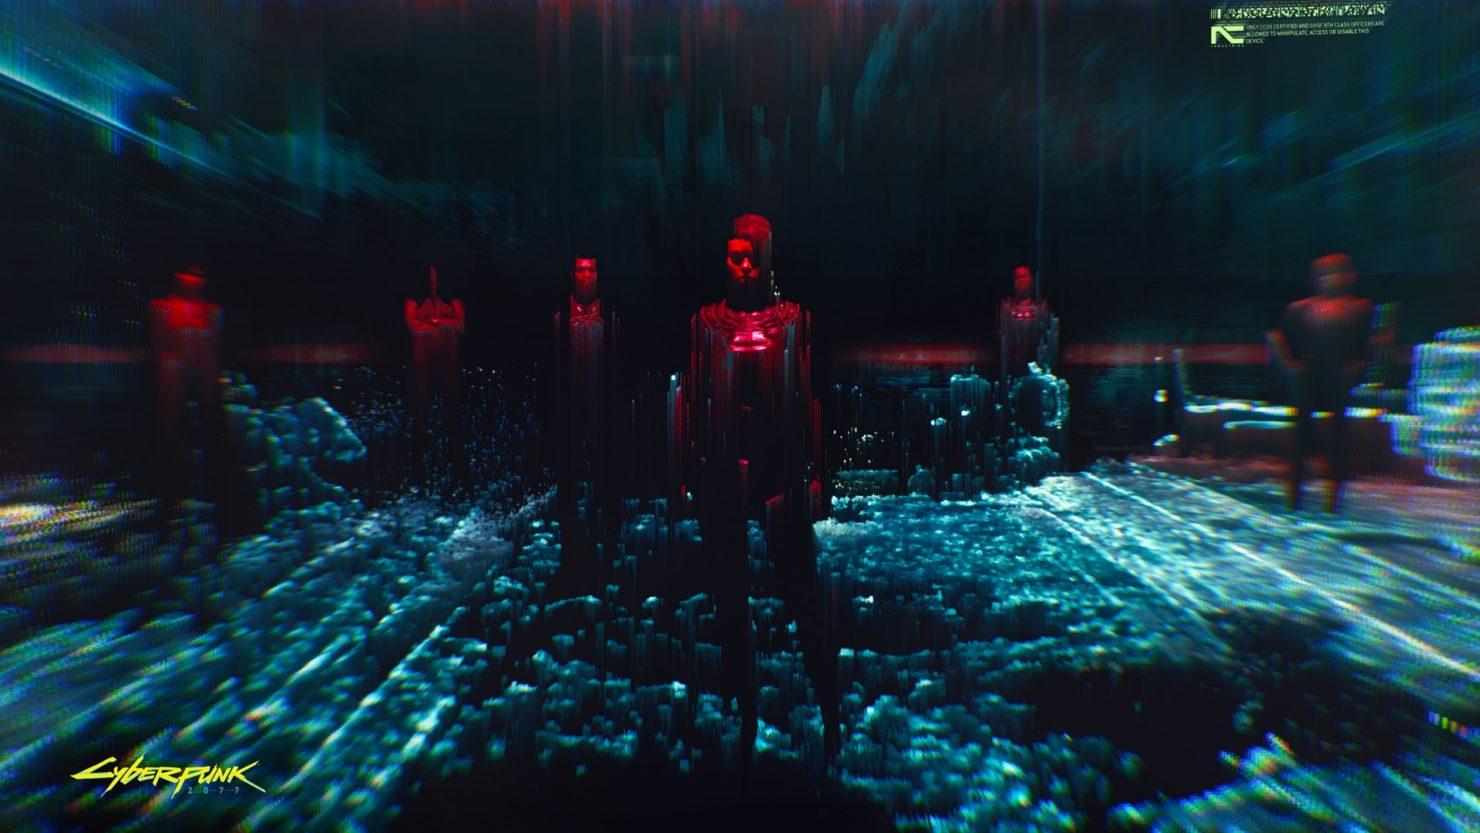 Cyberpunk 2077 tworzone jest na podstawie gry fabularnej Cyberpunk 2020. Jej autor, Mike Pondsmith, współpracuje również ze studiem CD Projekt RED nad tym projektem.